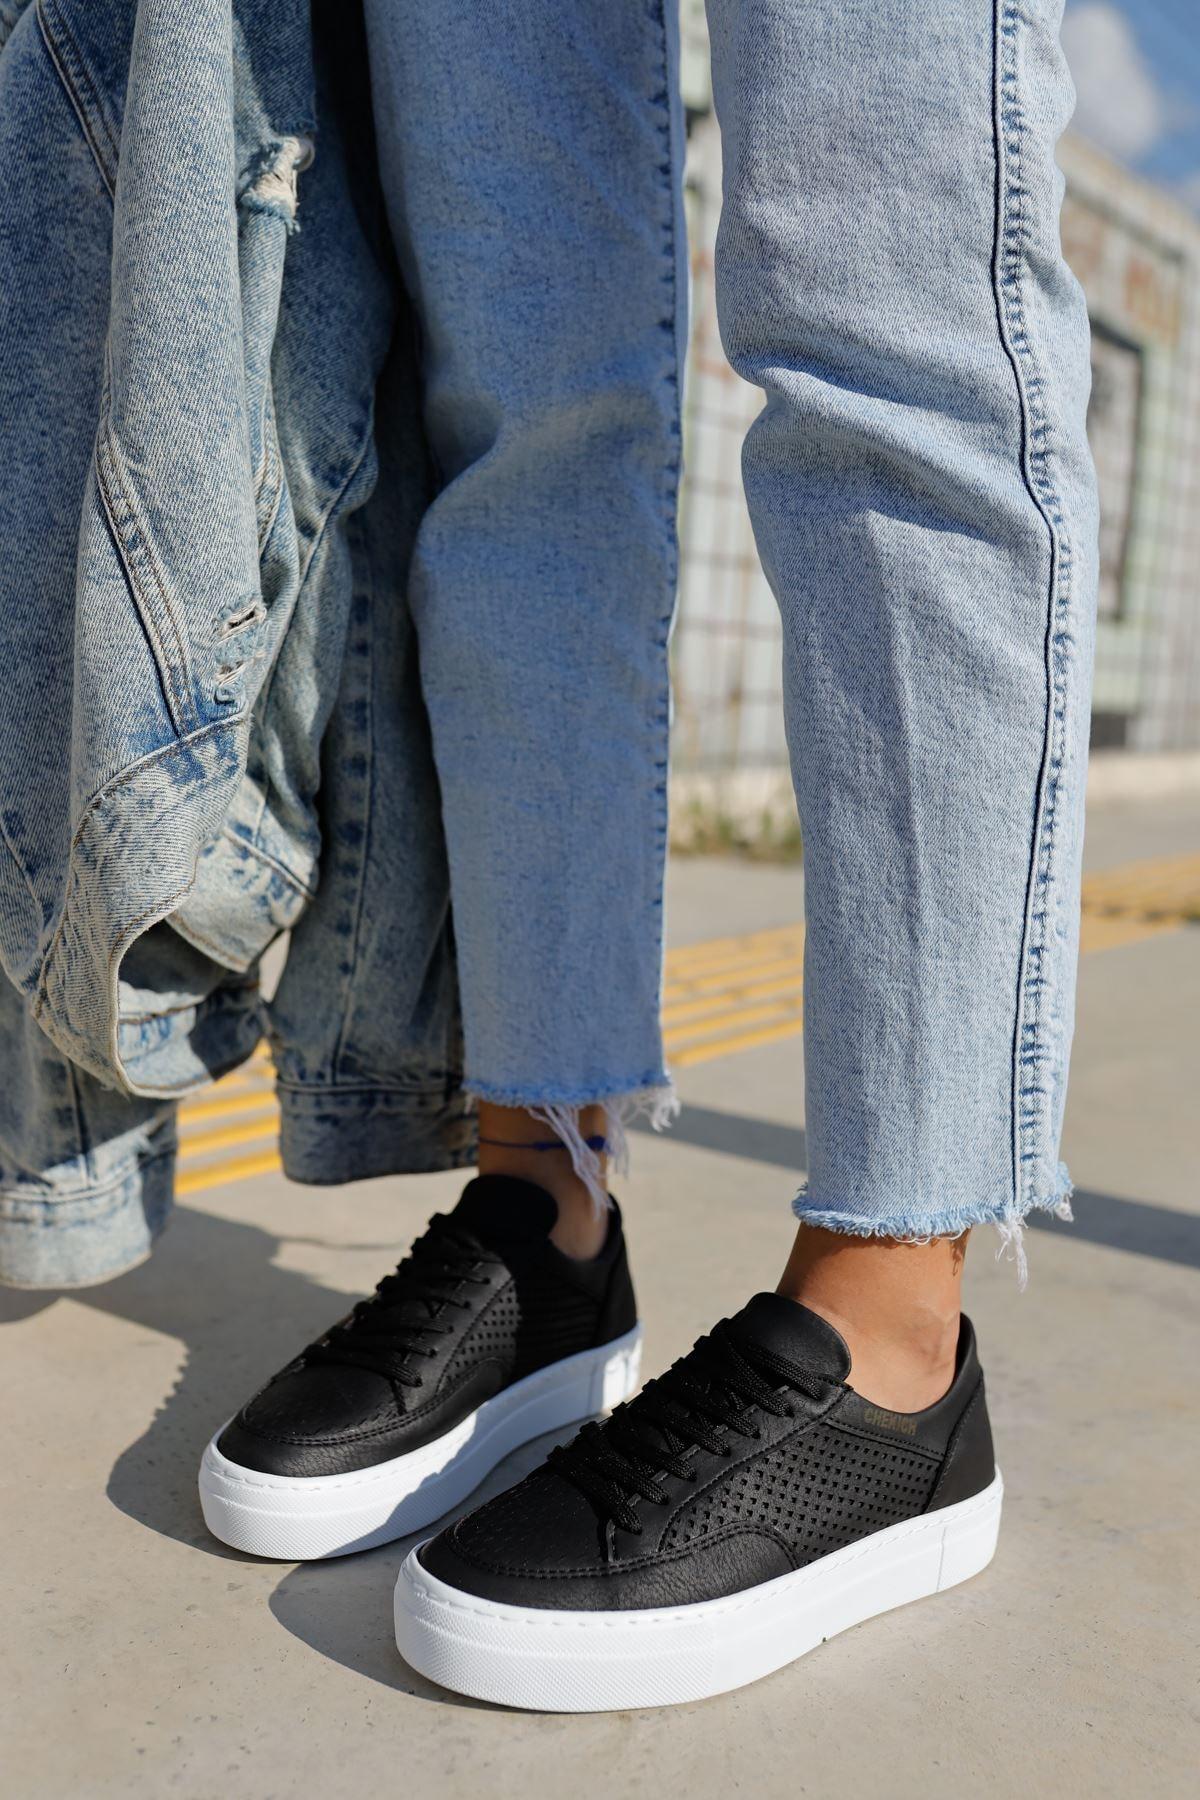 Chekich Ch015 Bt Kadın Ayakkabı Sıyah 1